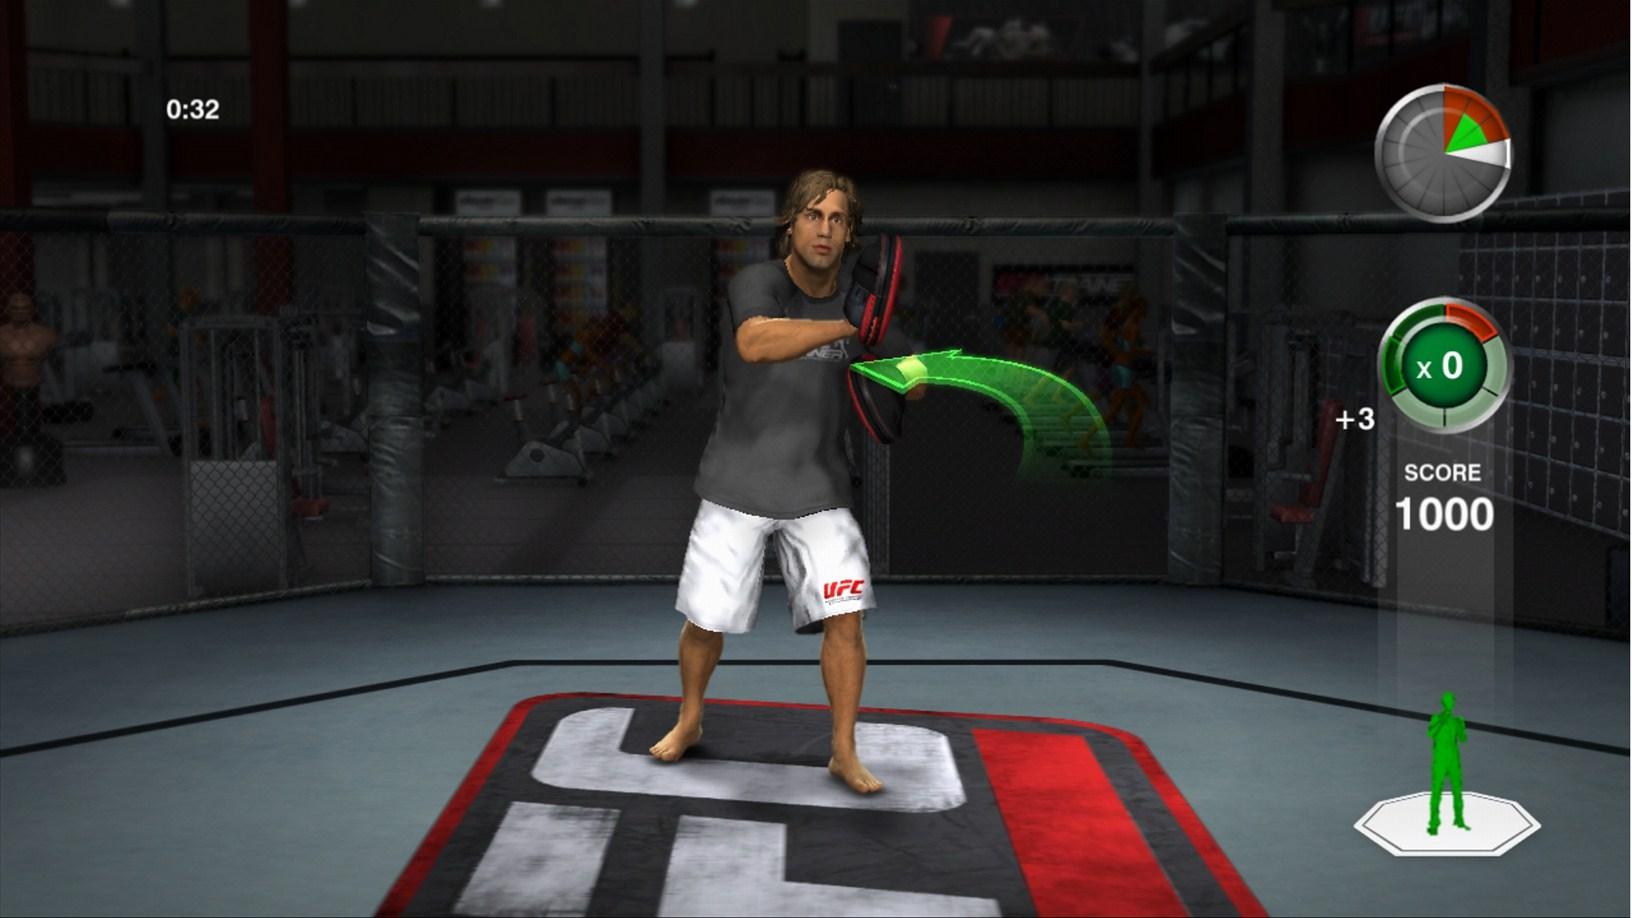 UFC Trainer - Prime immagini